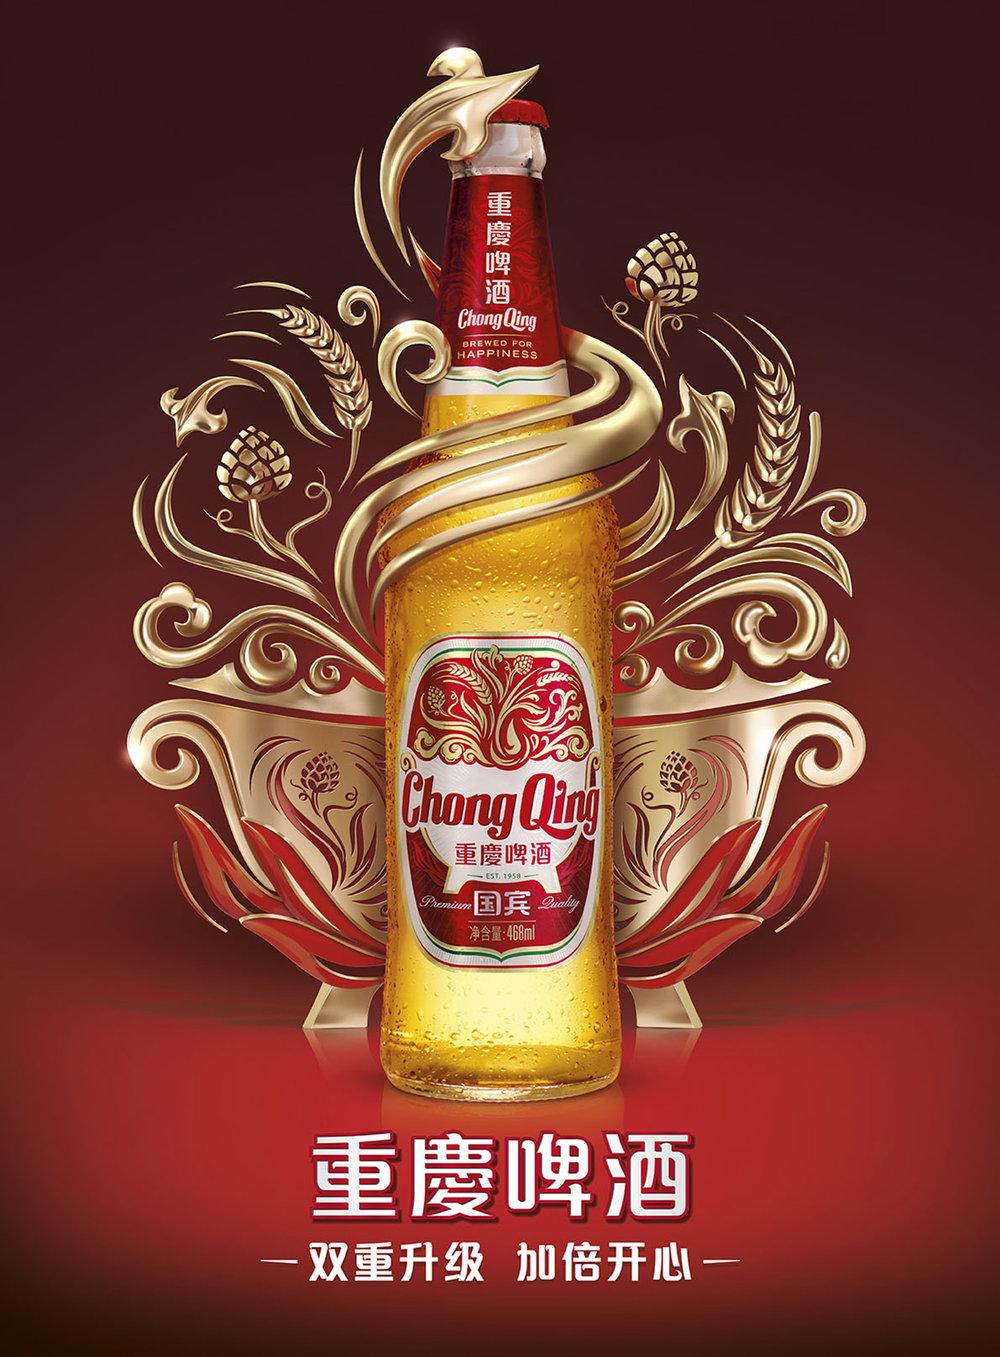 ChongQingBeer.jpg